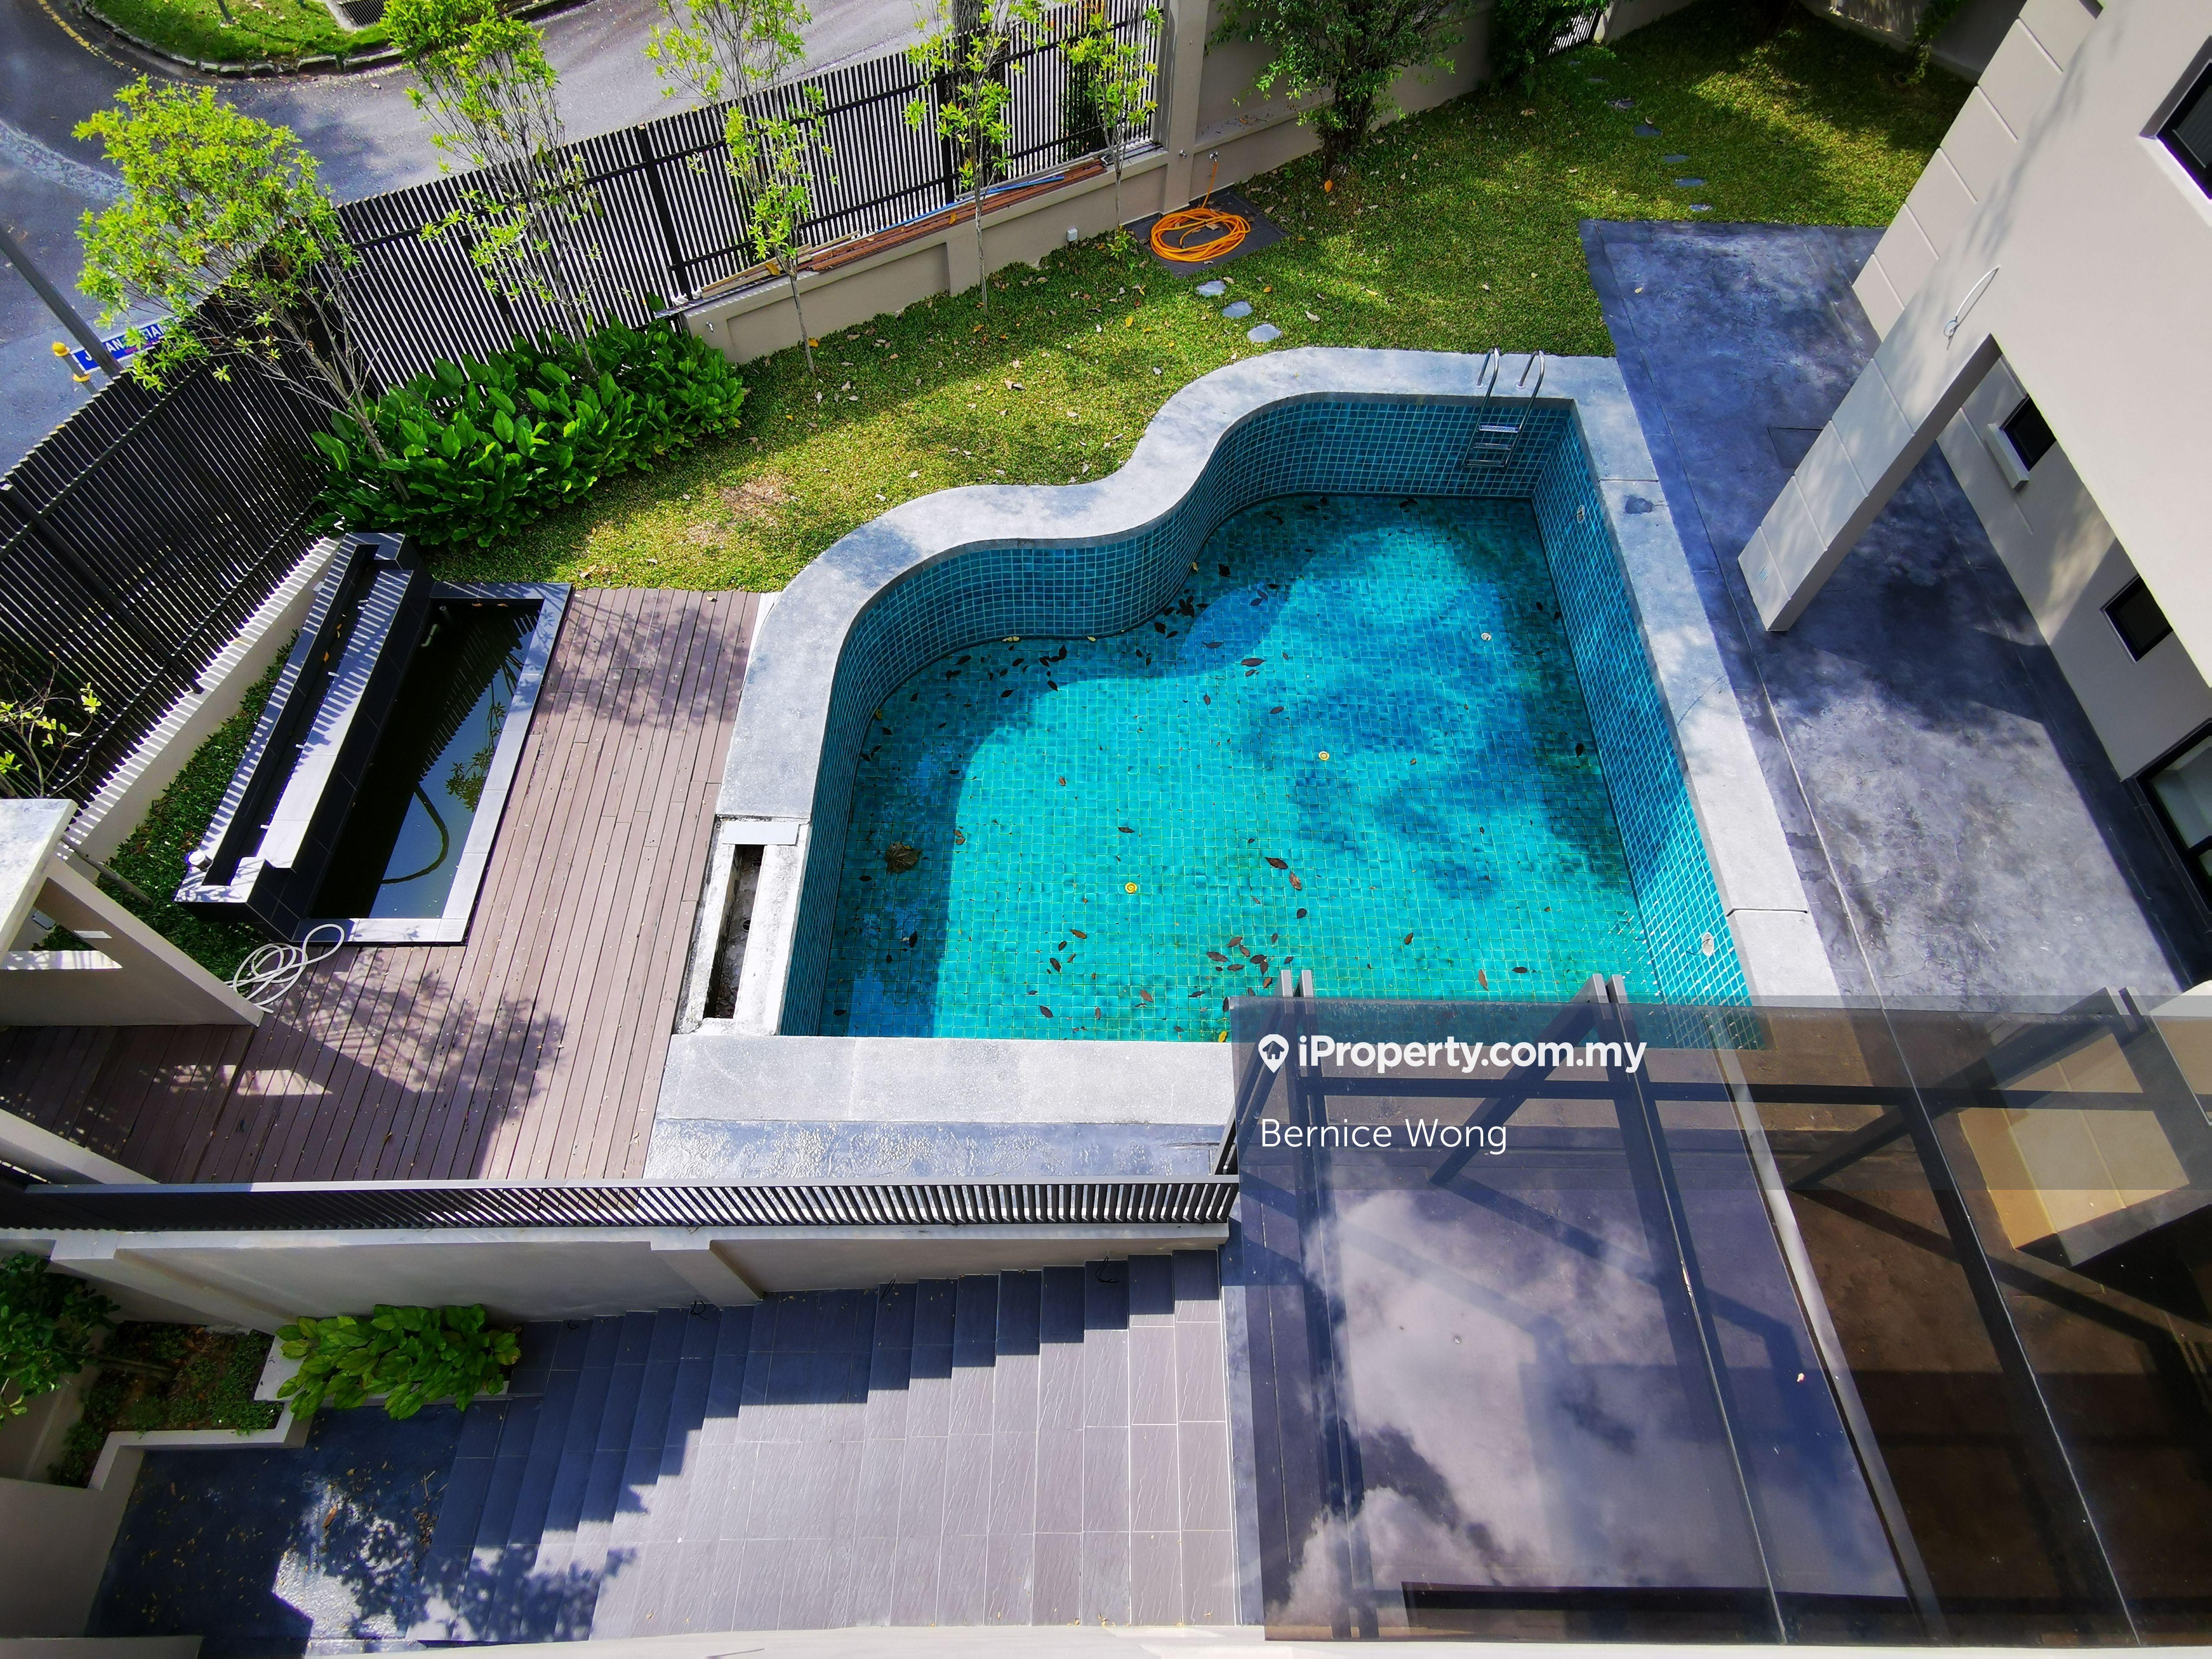 Damansara Heights, Bukit Damansara, Kuala Lumpur, Damansara Heights